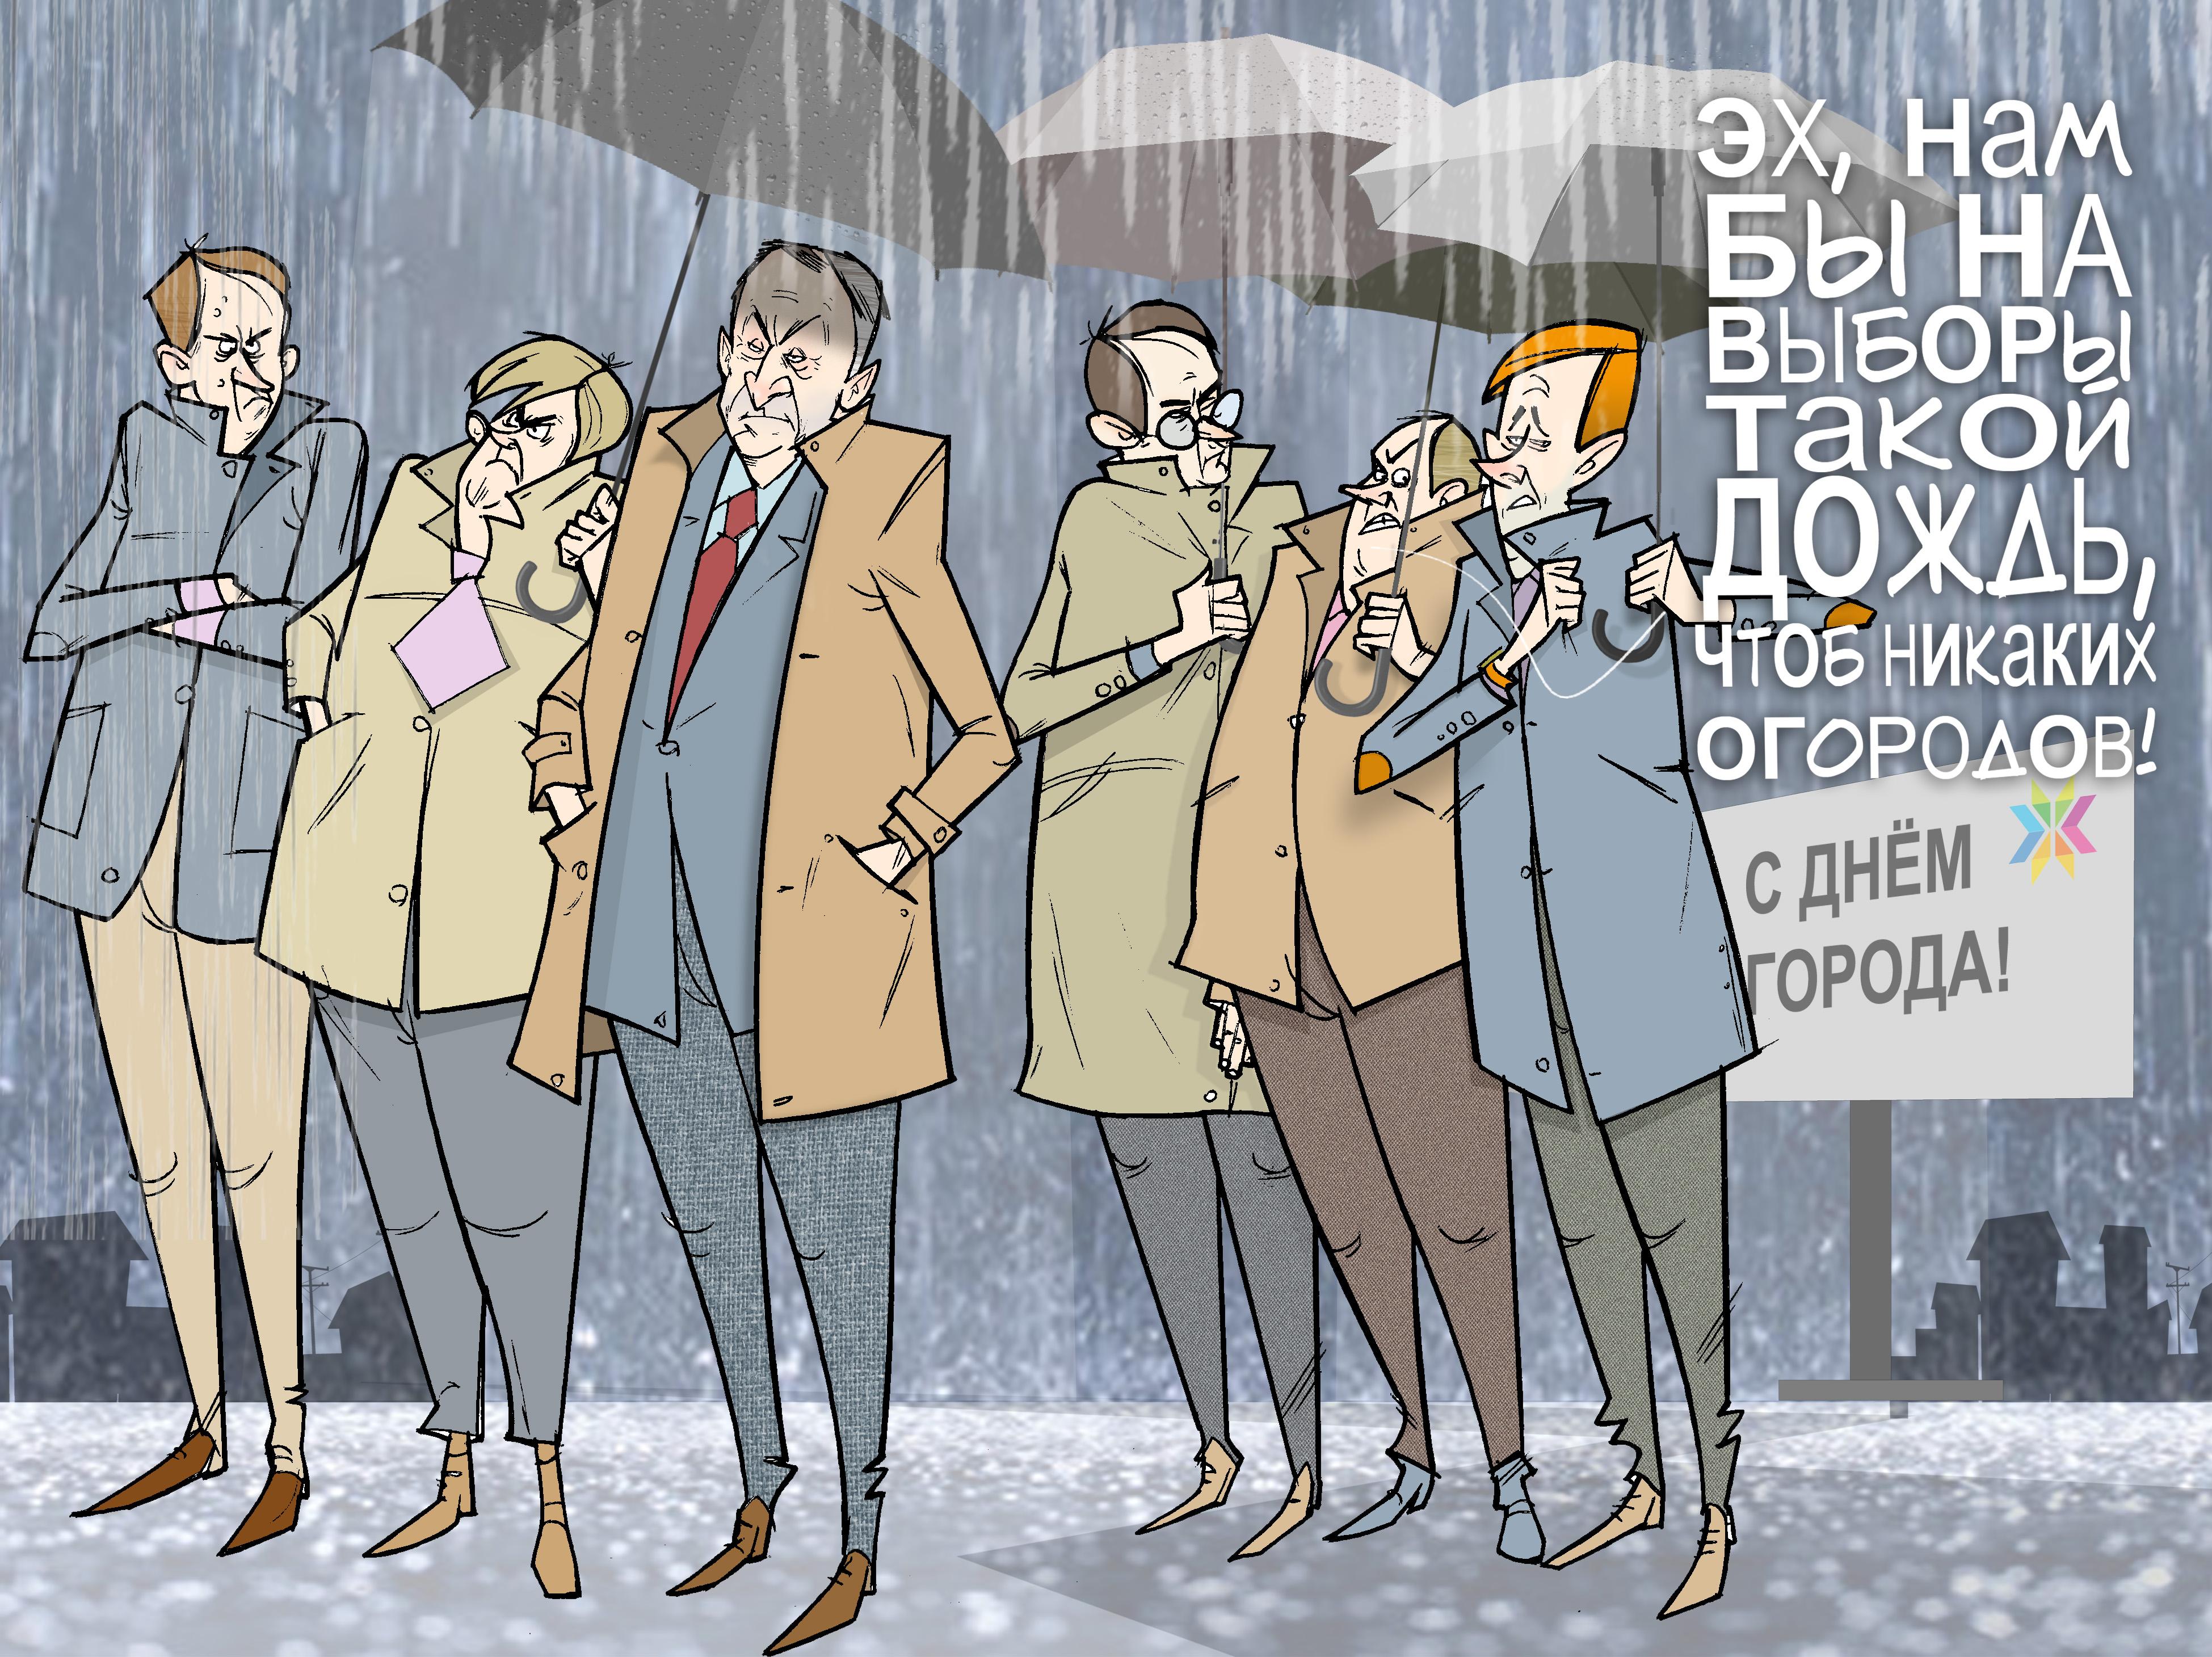 """У природы нет плохой погоды. #Выборы #ГлаваУР #Соловьёв © Газета """"День"""" 2014"""